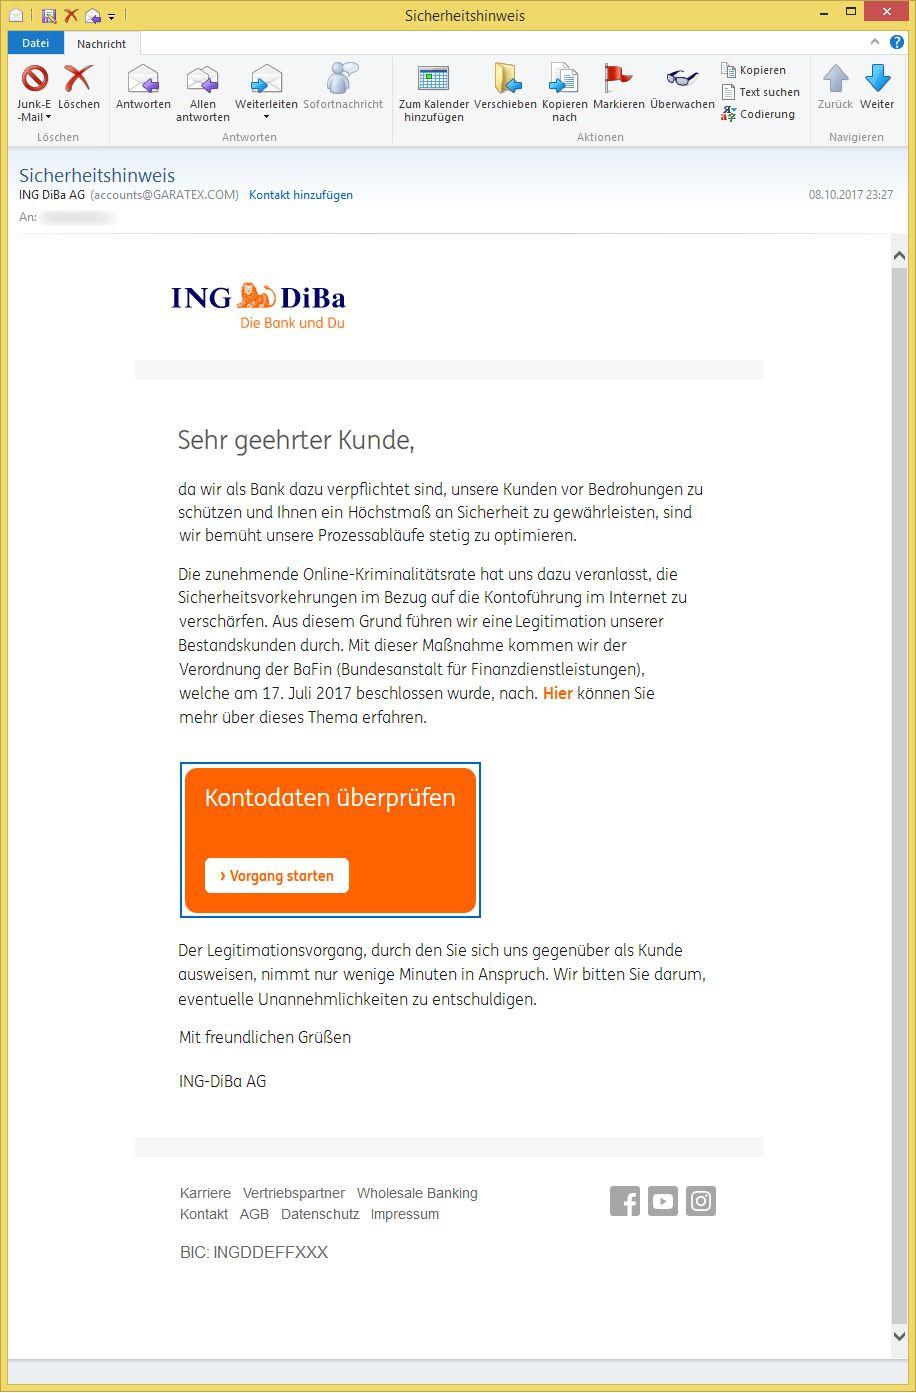 Sicherheitshinweis von ING DiBa AG accountsGARATEX.COM ist ...